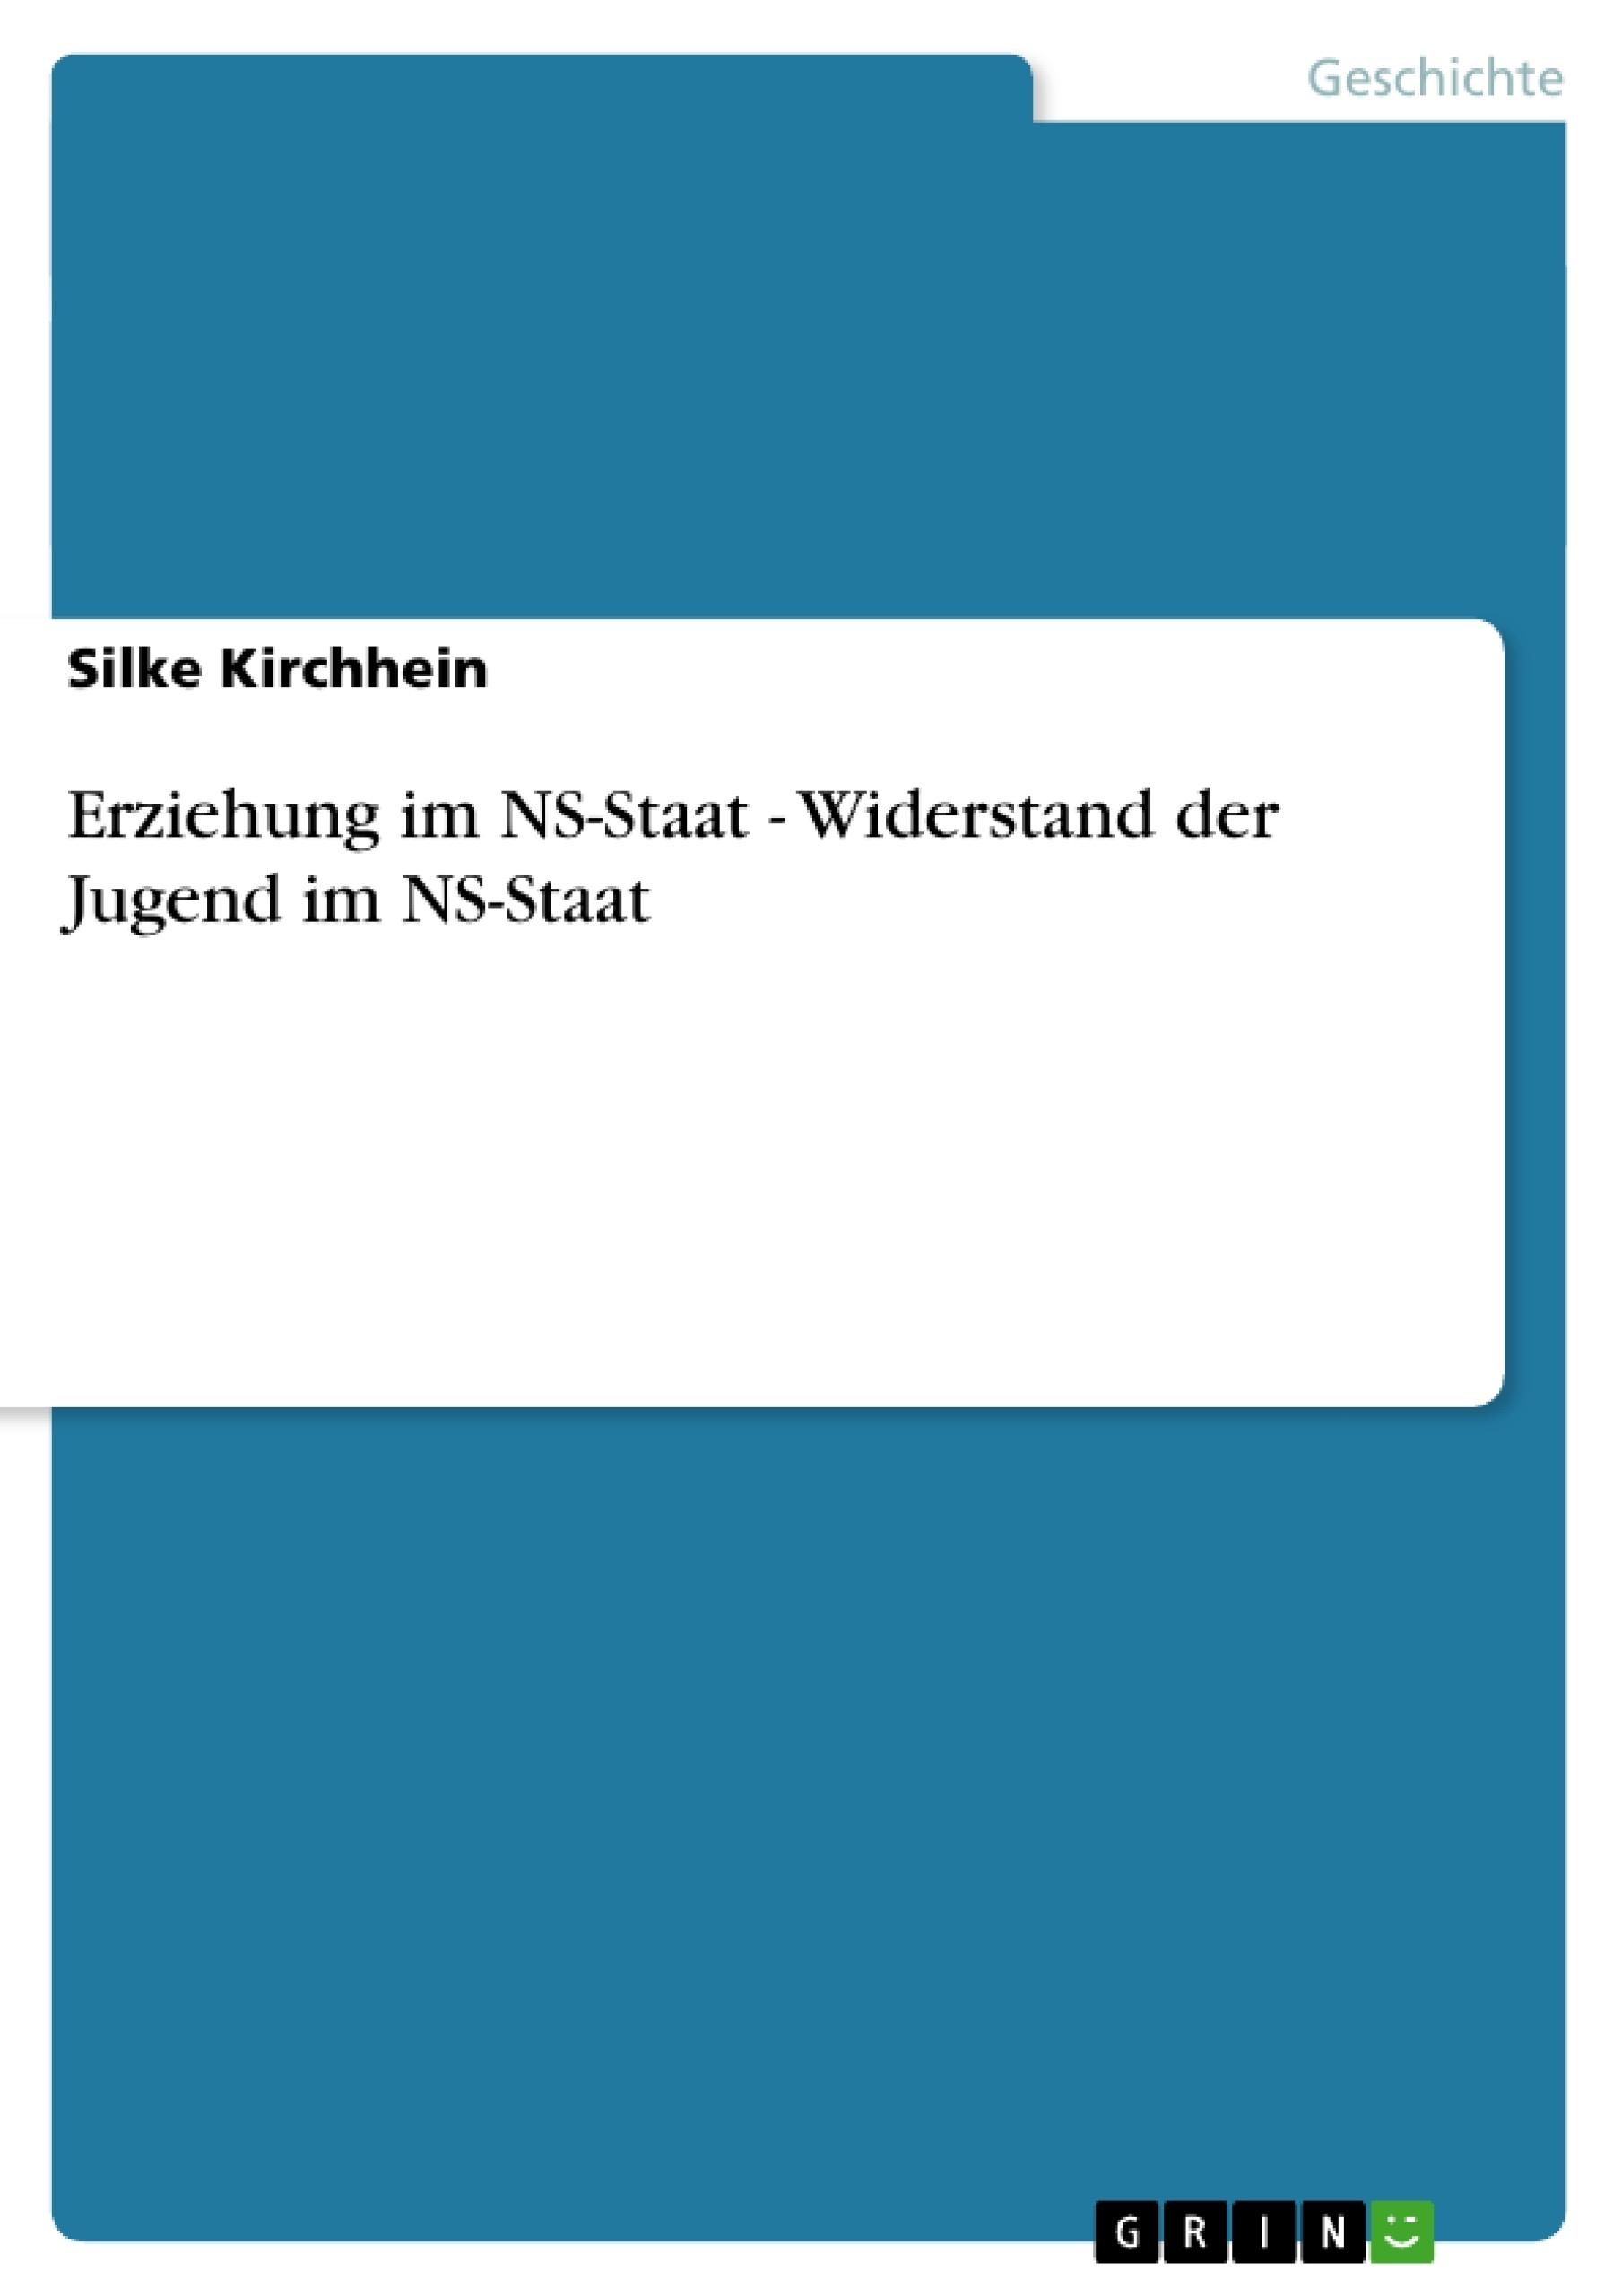 Titel: Erziehung im NS-Staat - Widerstand der Jugend im NS-Staat